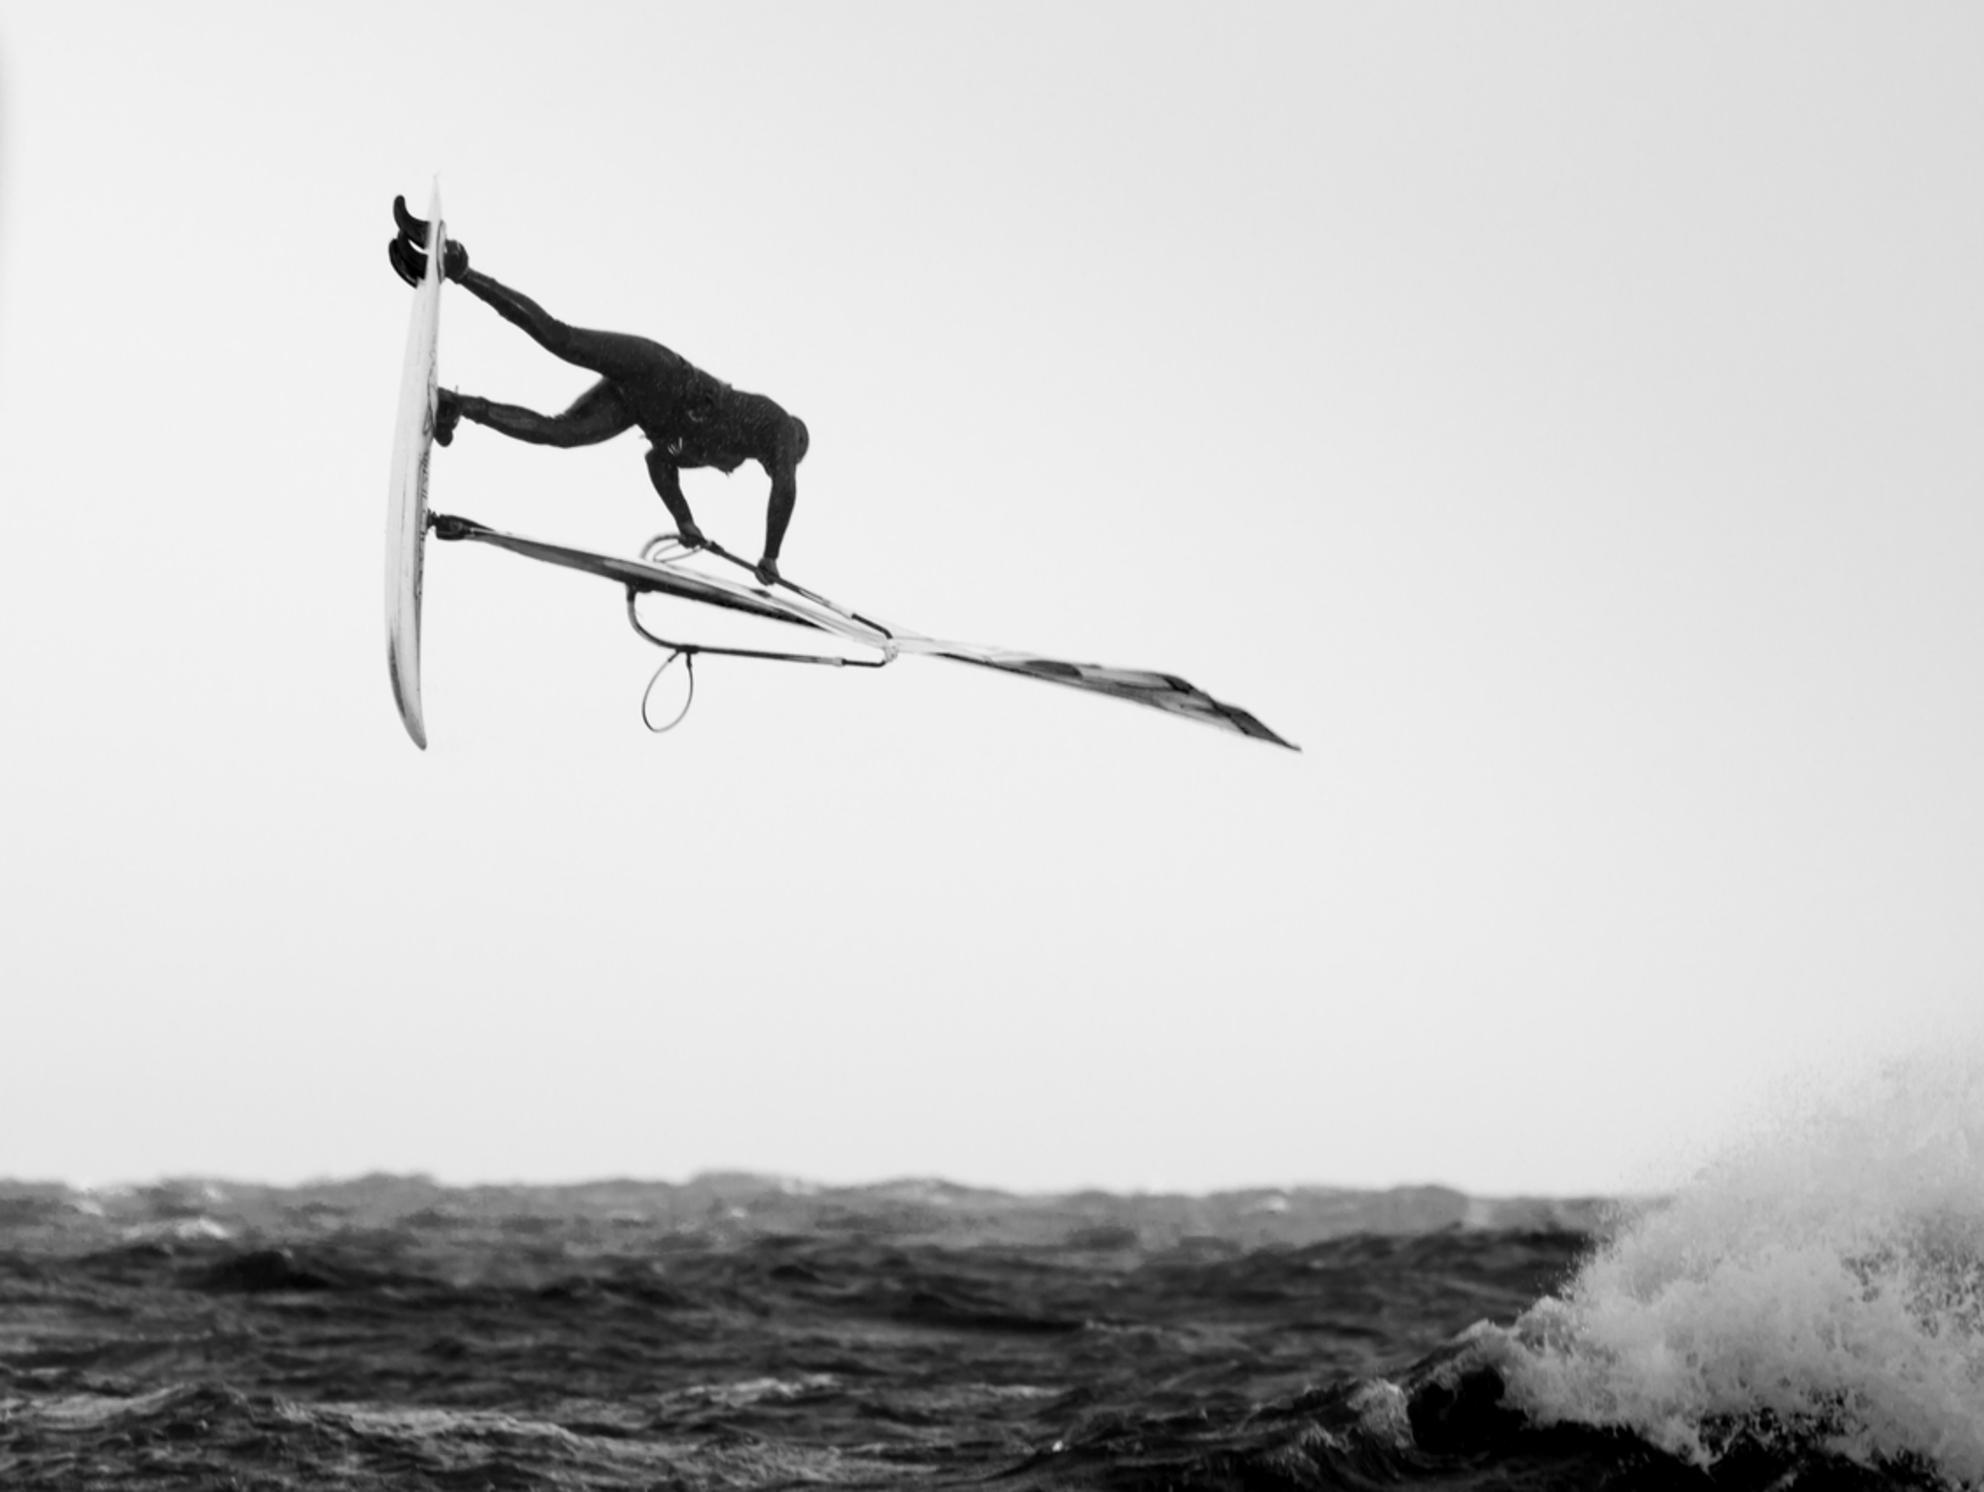 SSM II - the art of windsurfing - foto door ThierryM op 16-11-2013 - deze foto bevat: water, sea, wind, jump, zwartwit, surf, extreme, wave, windsurf, b&w - Deze foto mag gebruikt worden in een Zoom.nl publicatie